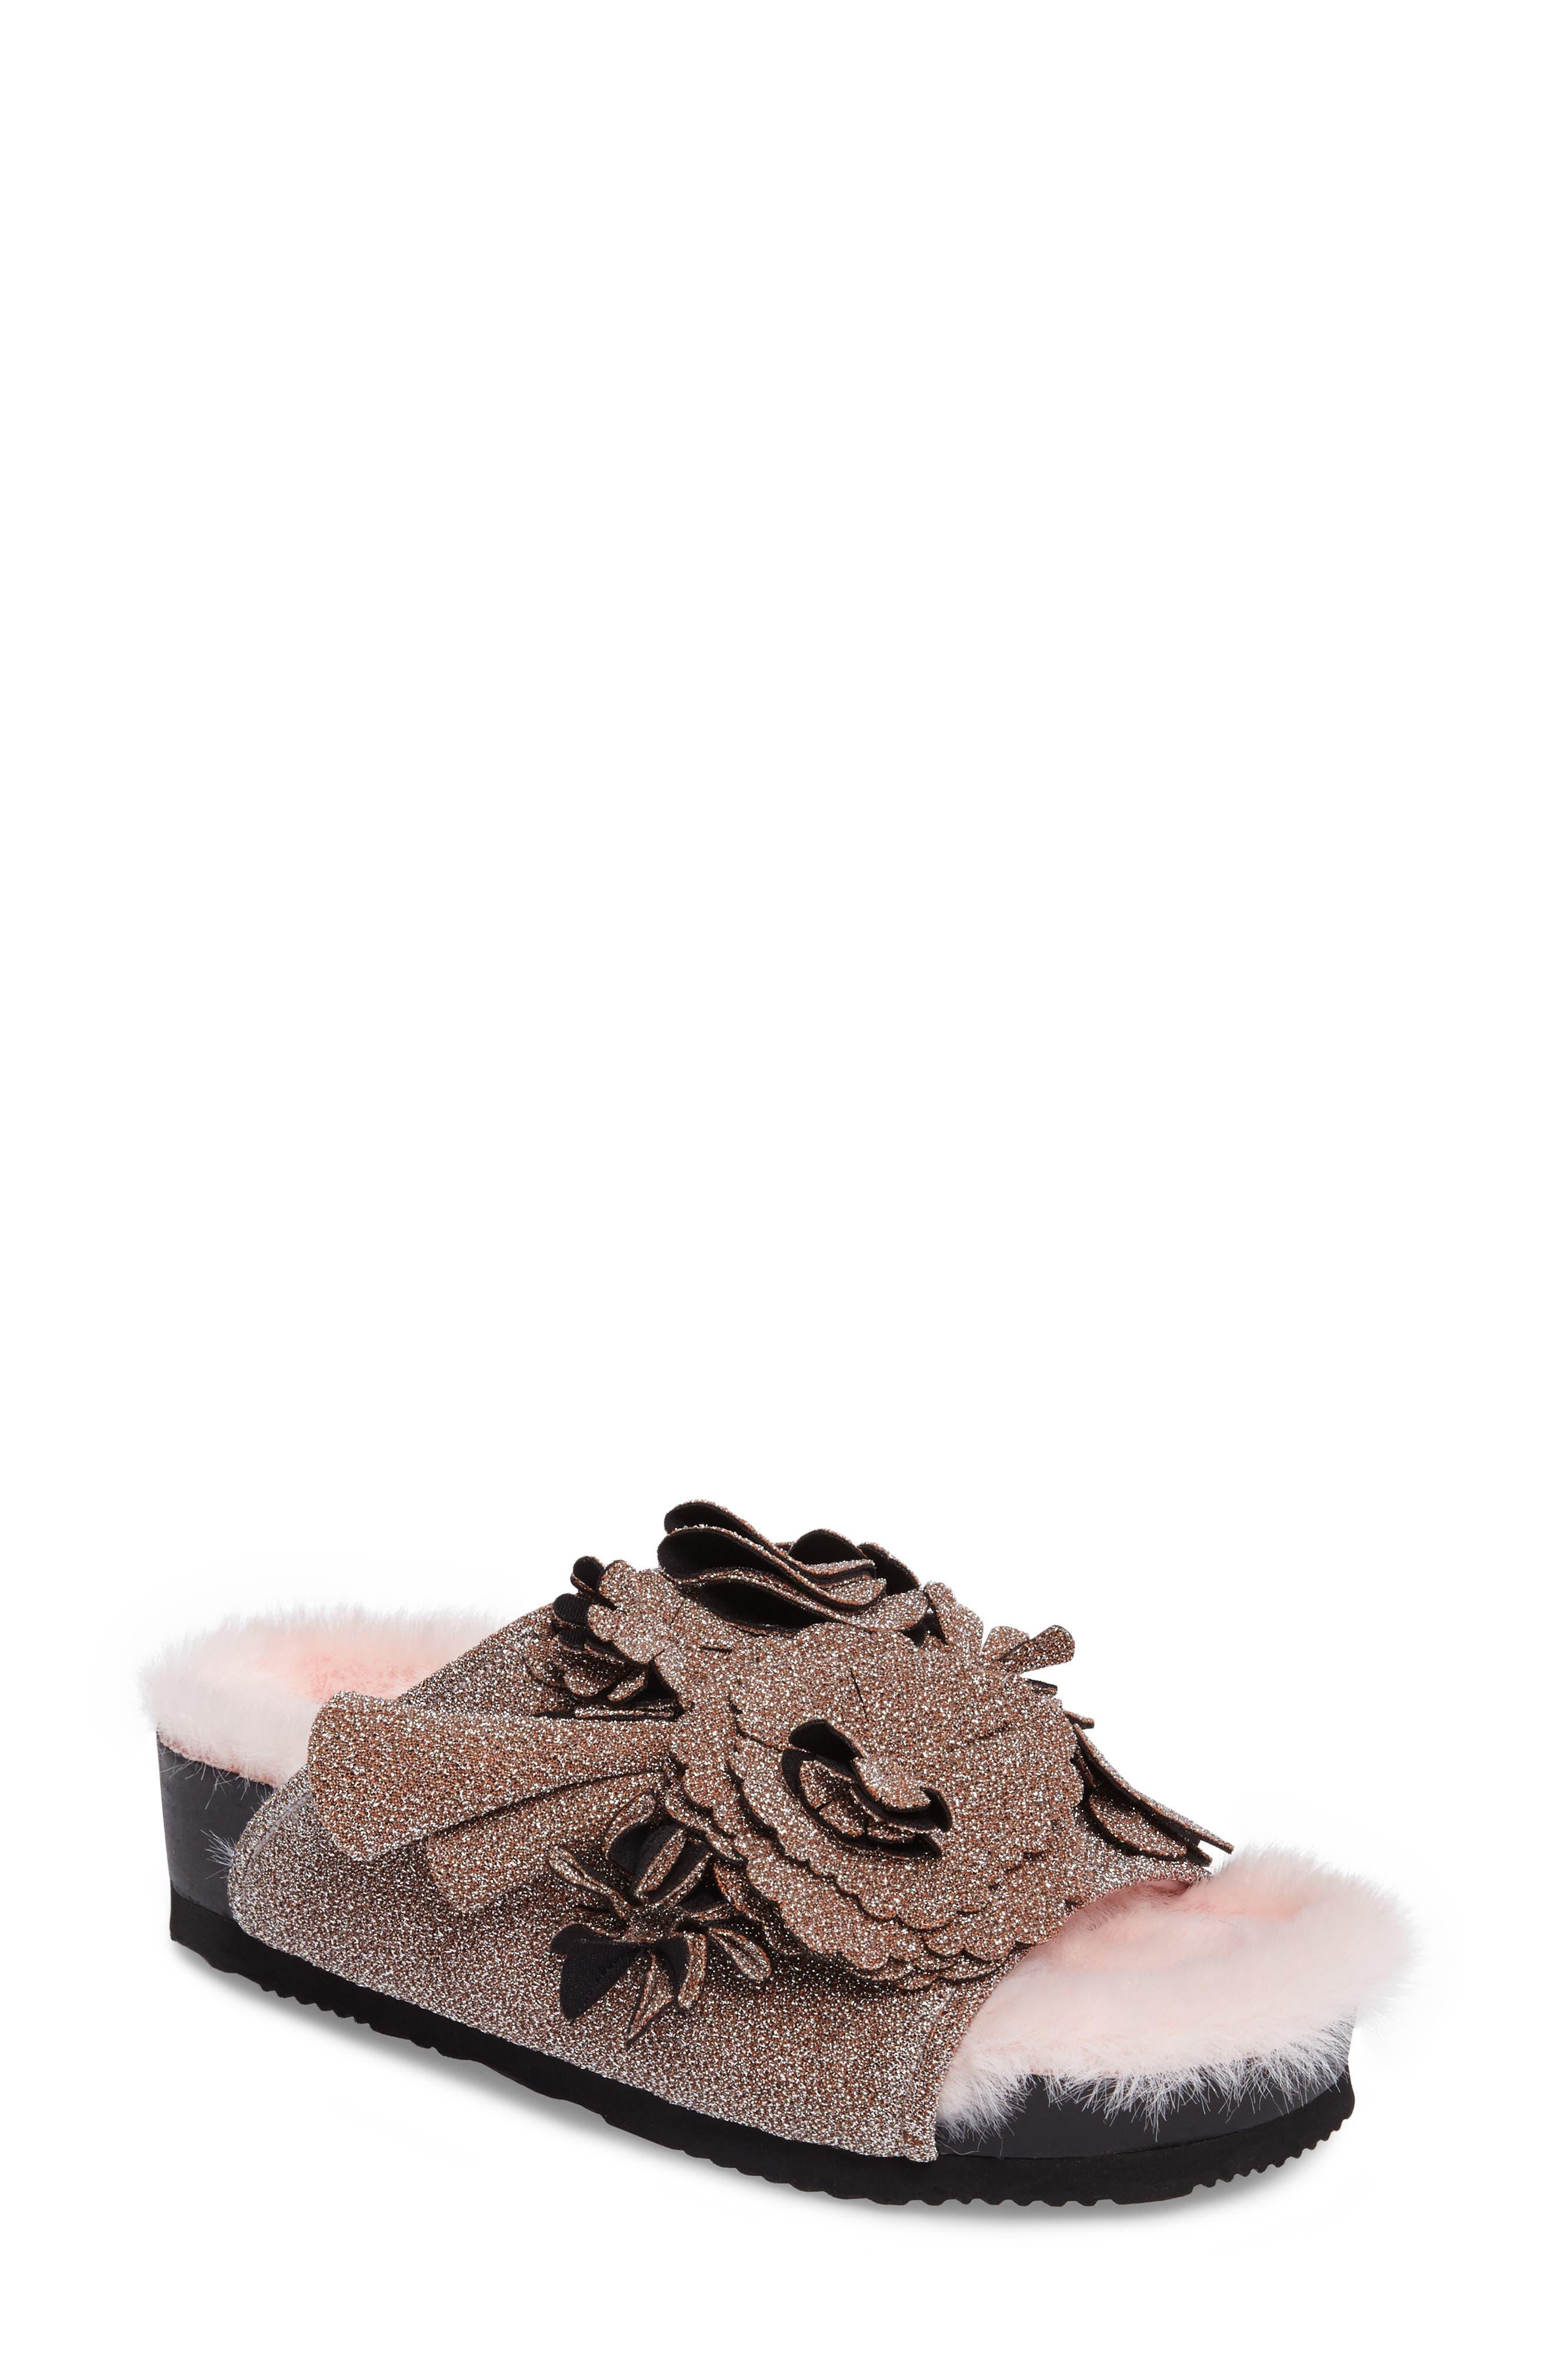 Floral Slide Sandal,                         Main,                         color,